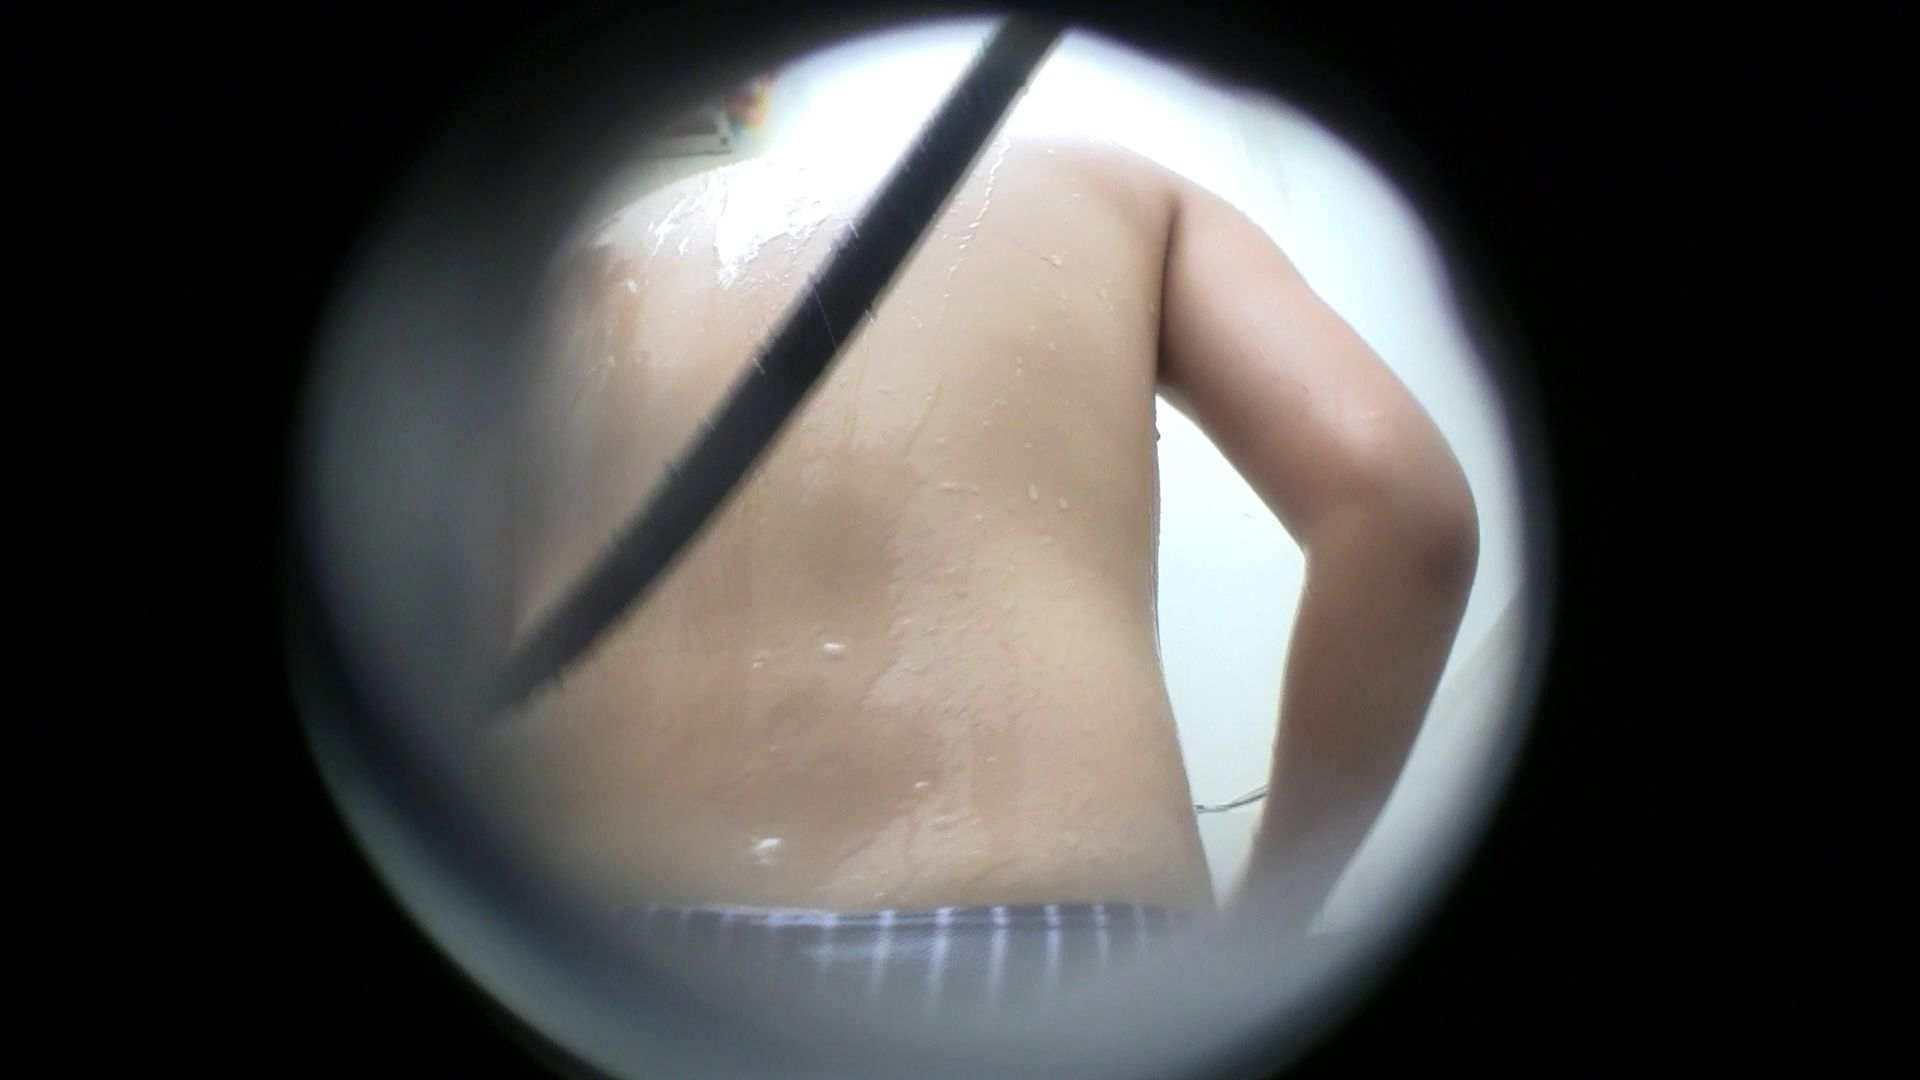 NO.43 乳首の先がチラ 背中でイメージして下さい シャワー  83枚 49